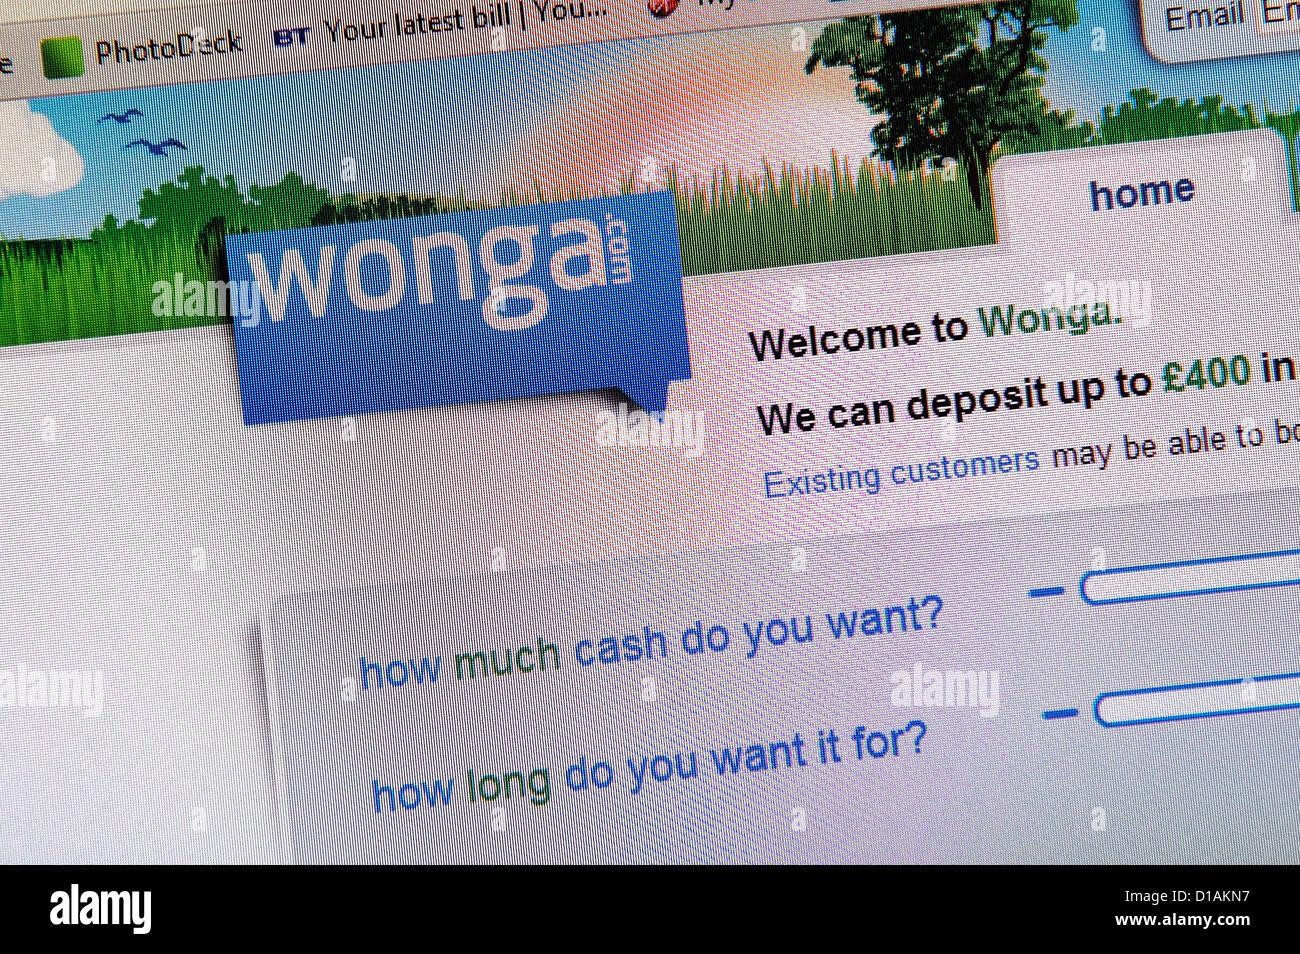 Payday loan advance near me image 7